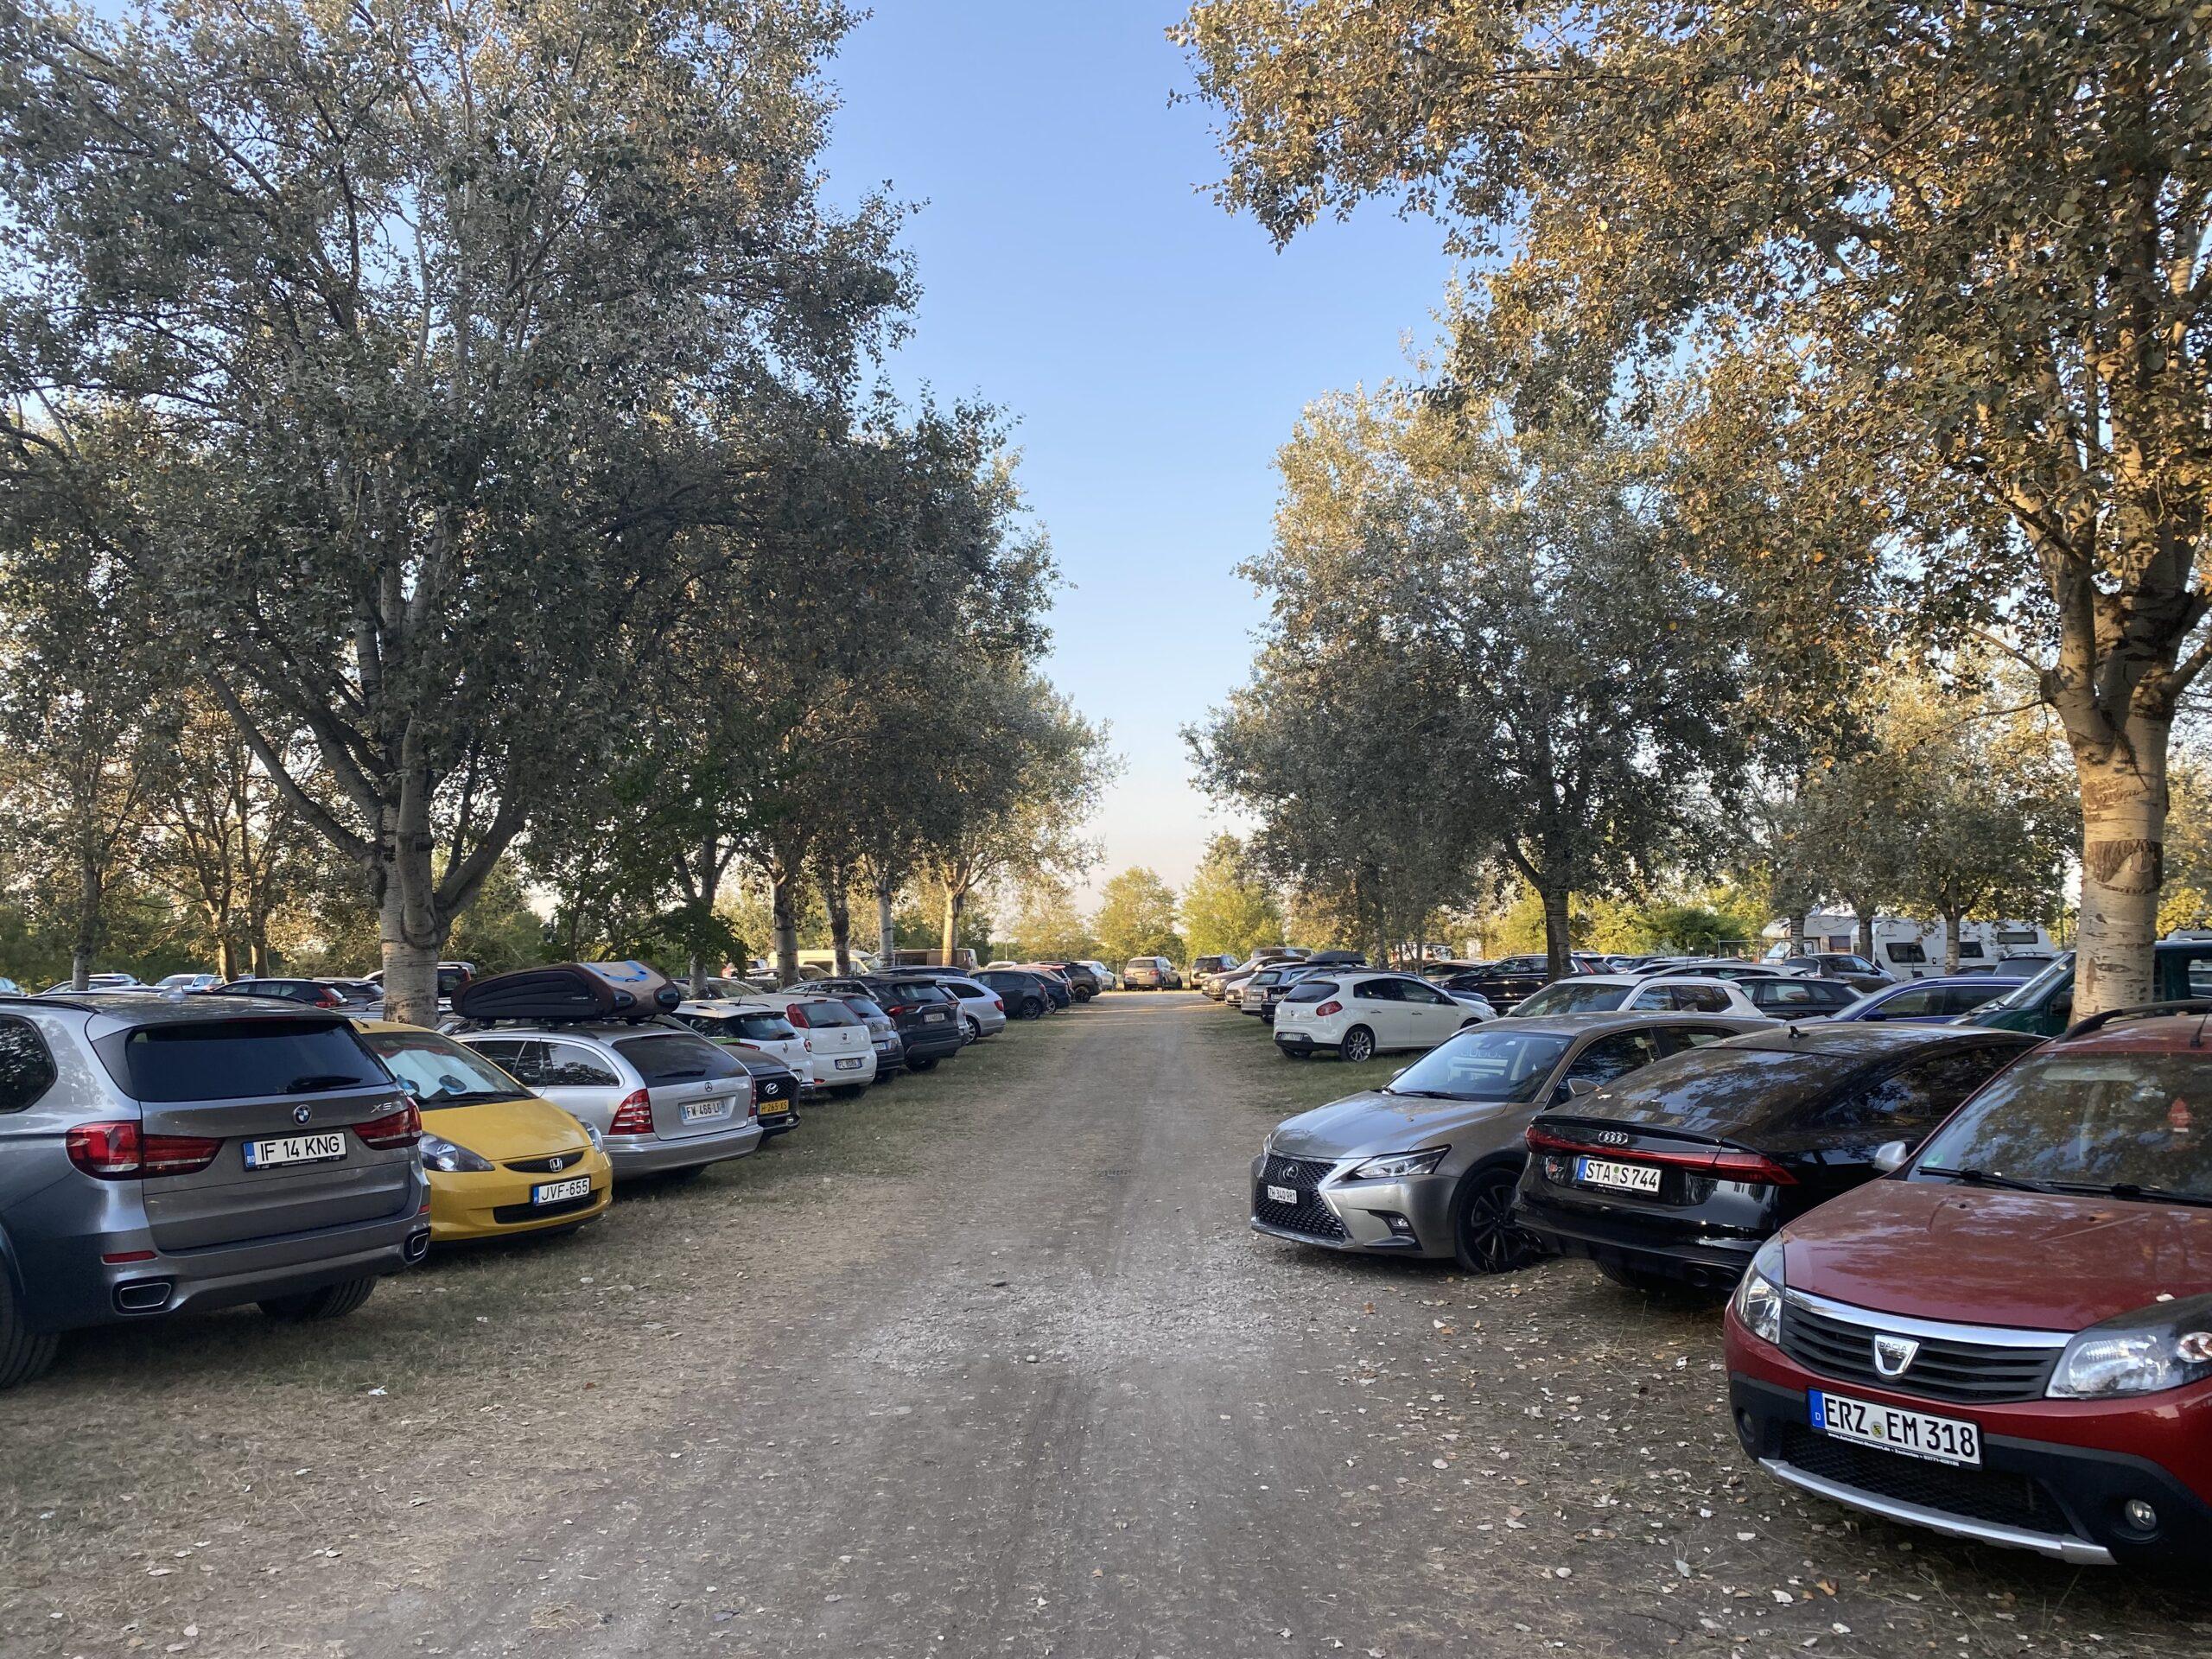 Il futuro: Parcheggio alberato un'area sostenibile e gradevole!